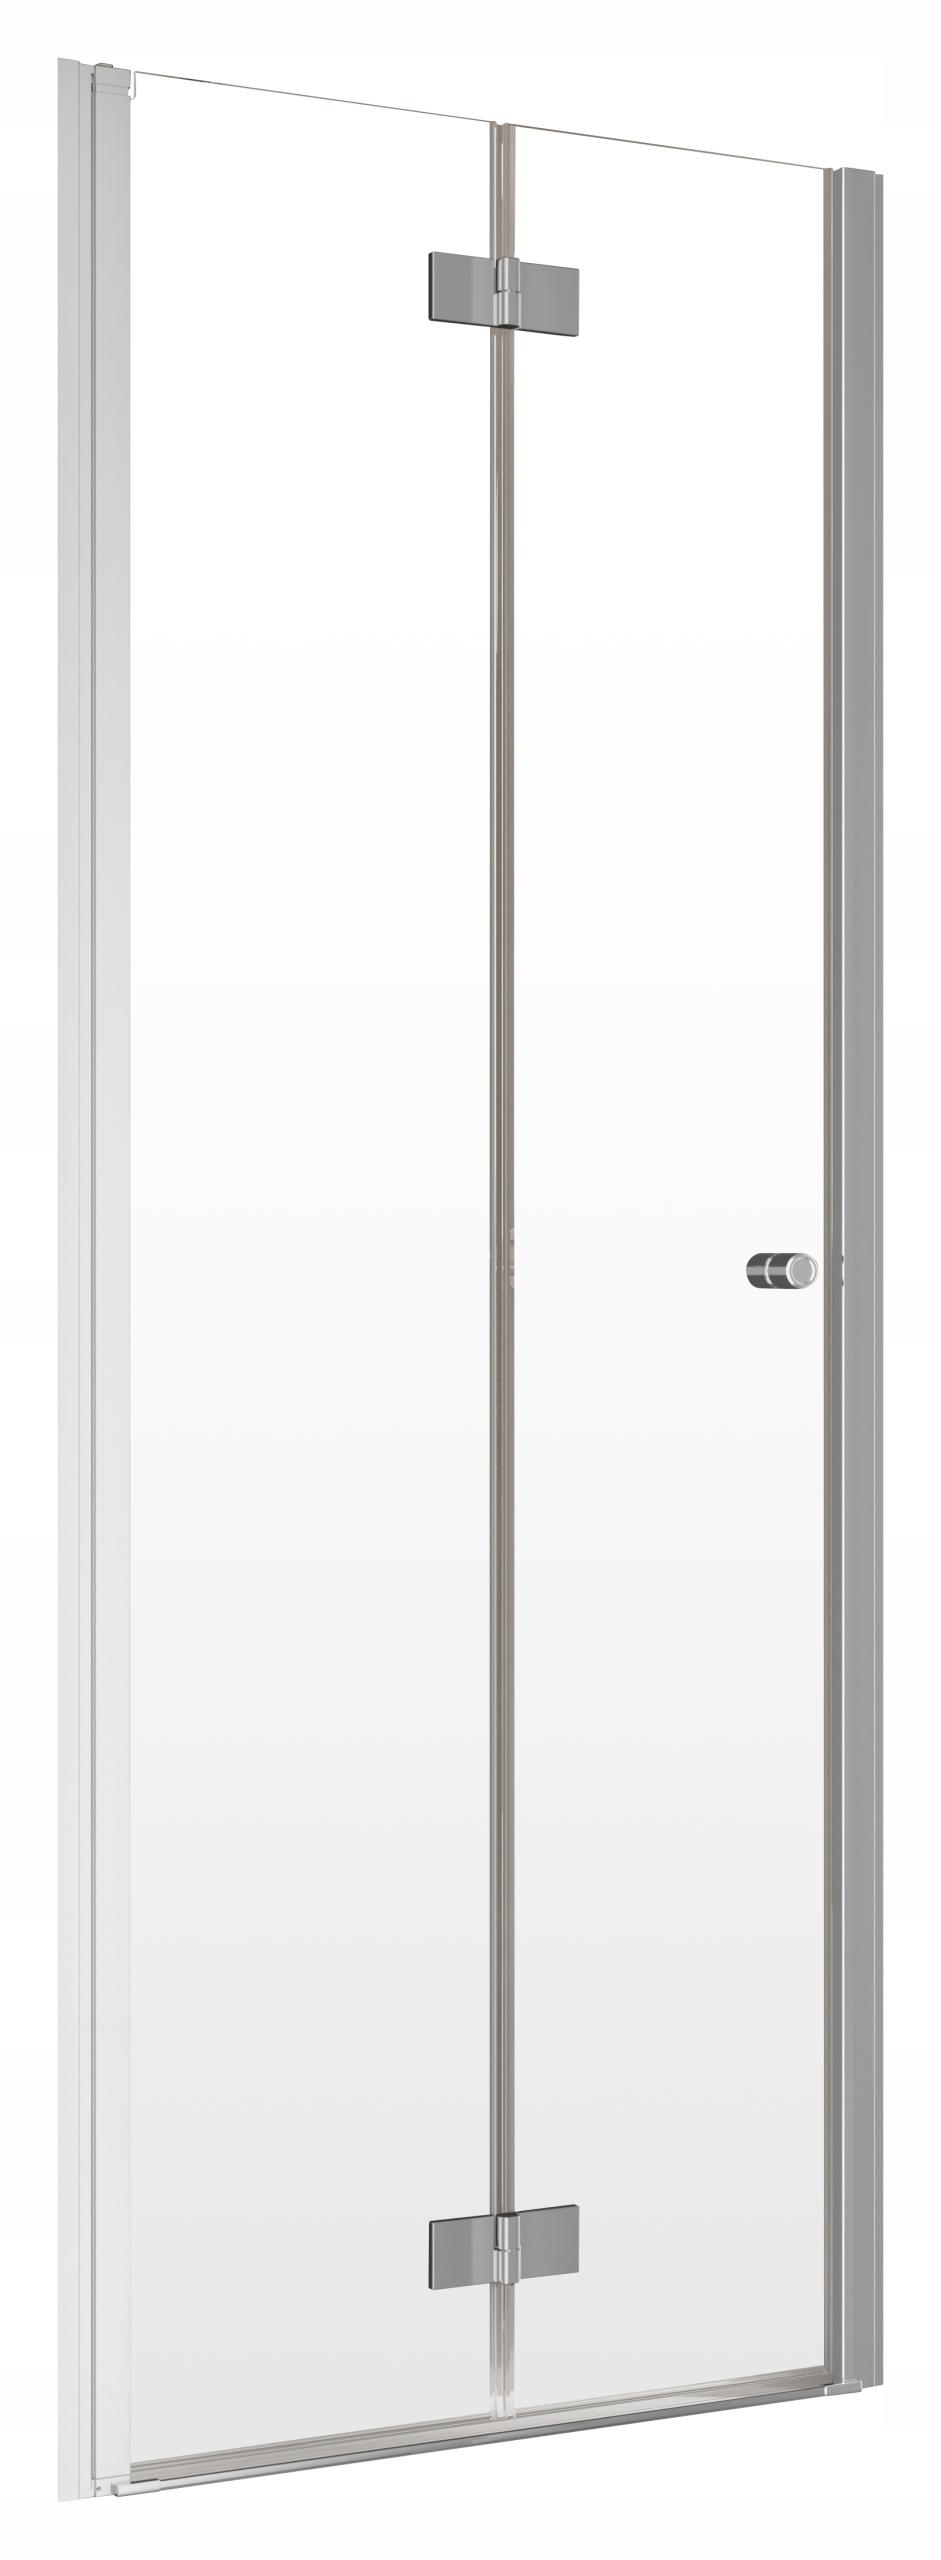 NES DWB sprchové dvere RADAWAY 90x200 cm